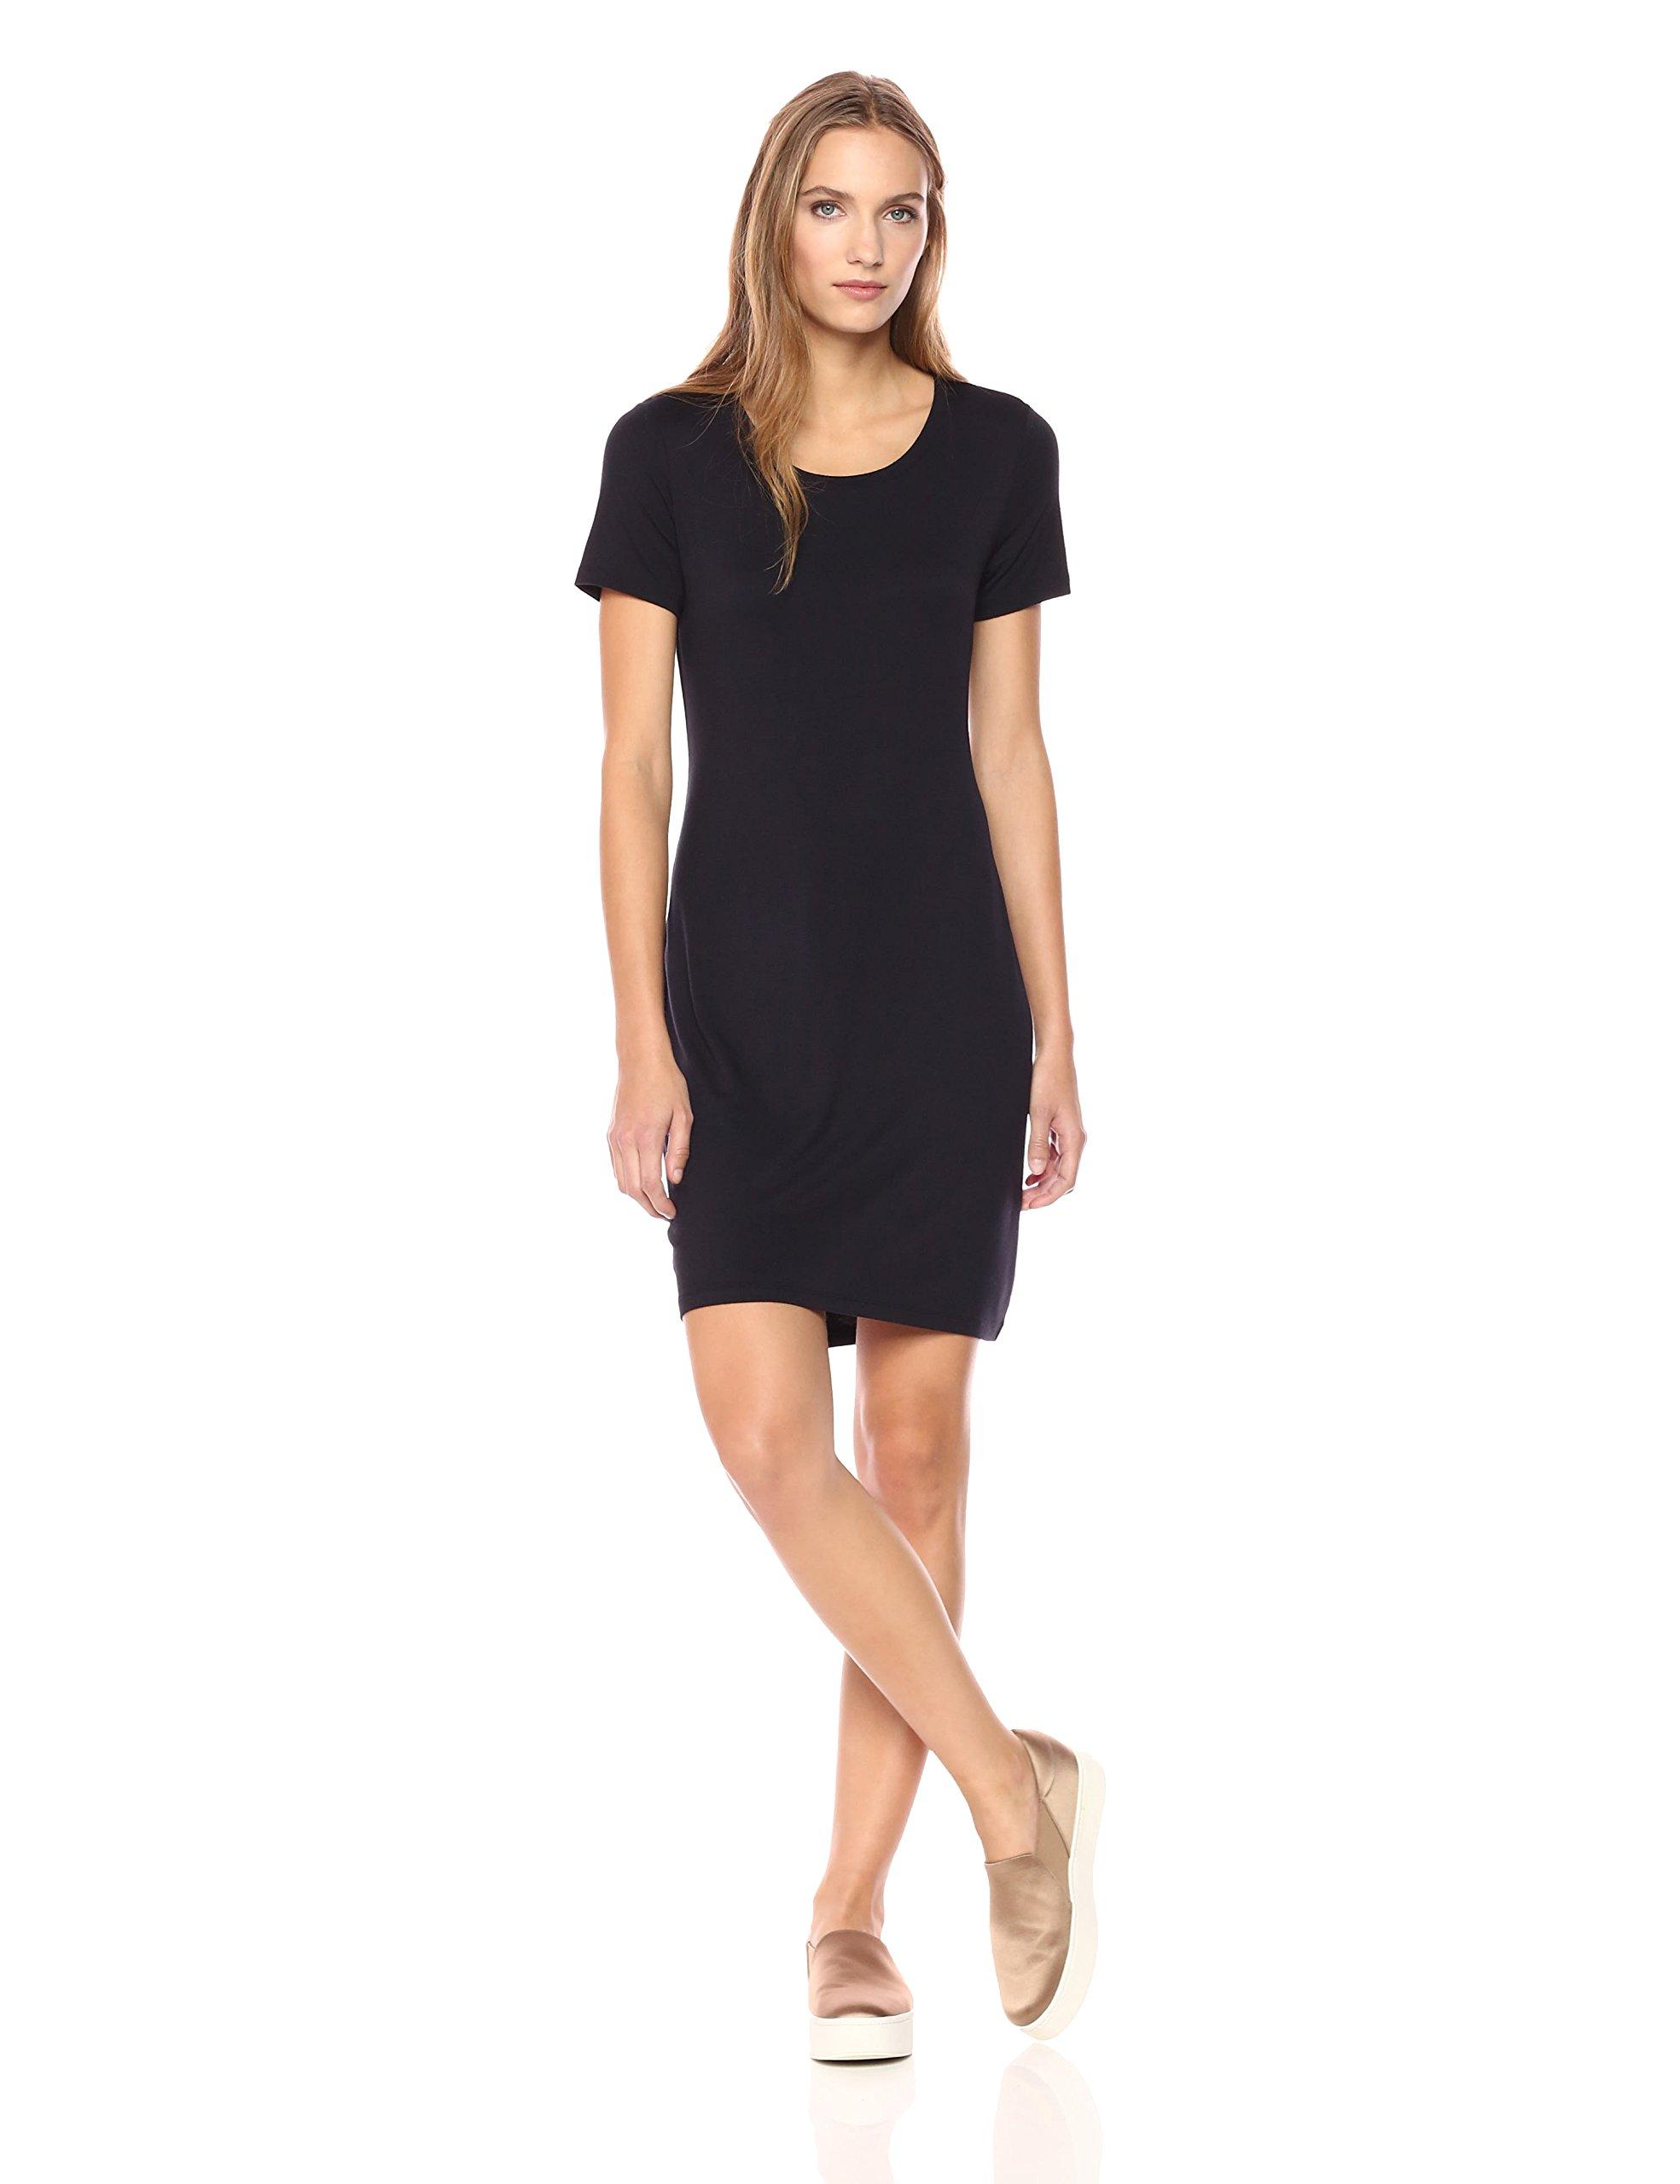 Daily Ritual Women's Jersey Short-Sleeve Scoop Neck T-Shirt Dress, XS, Navy